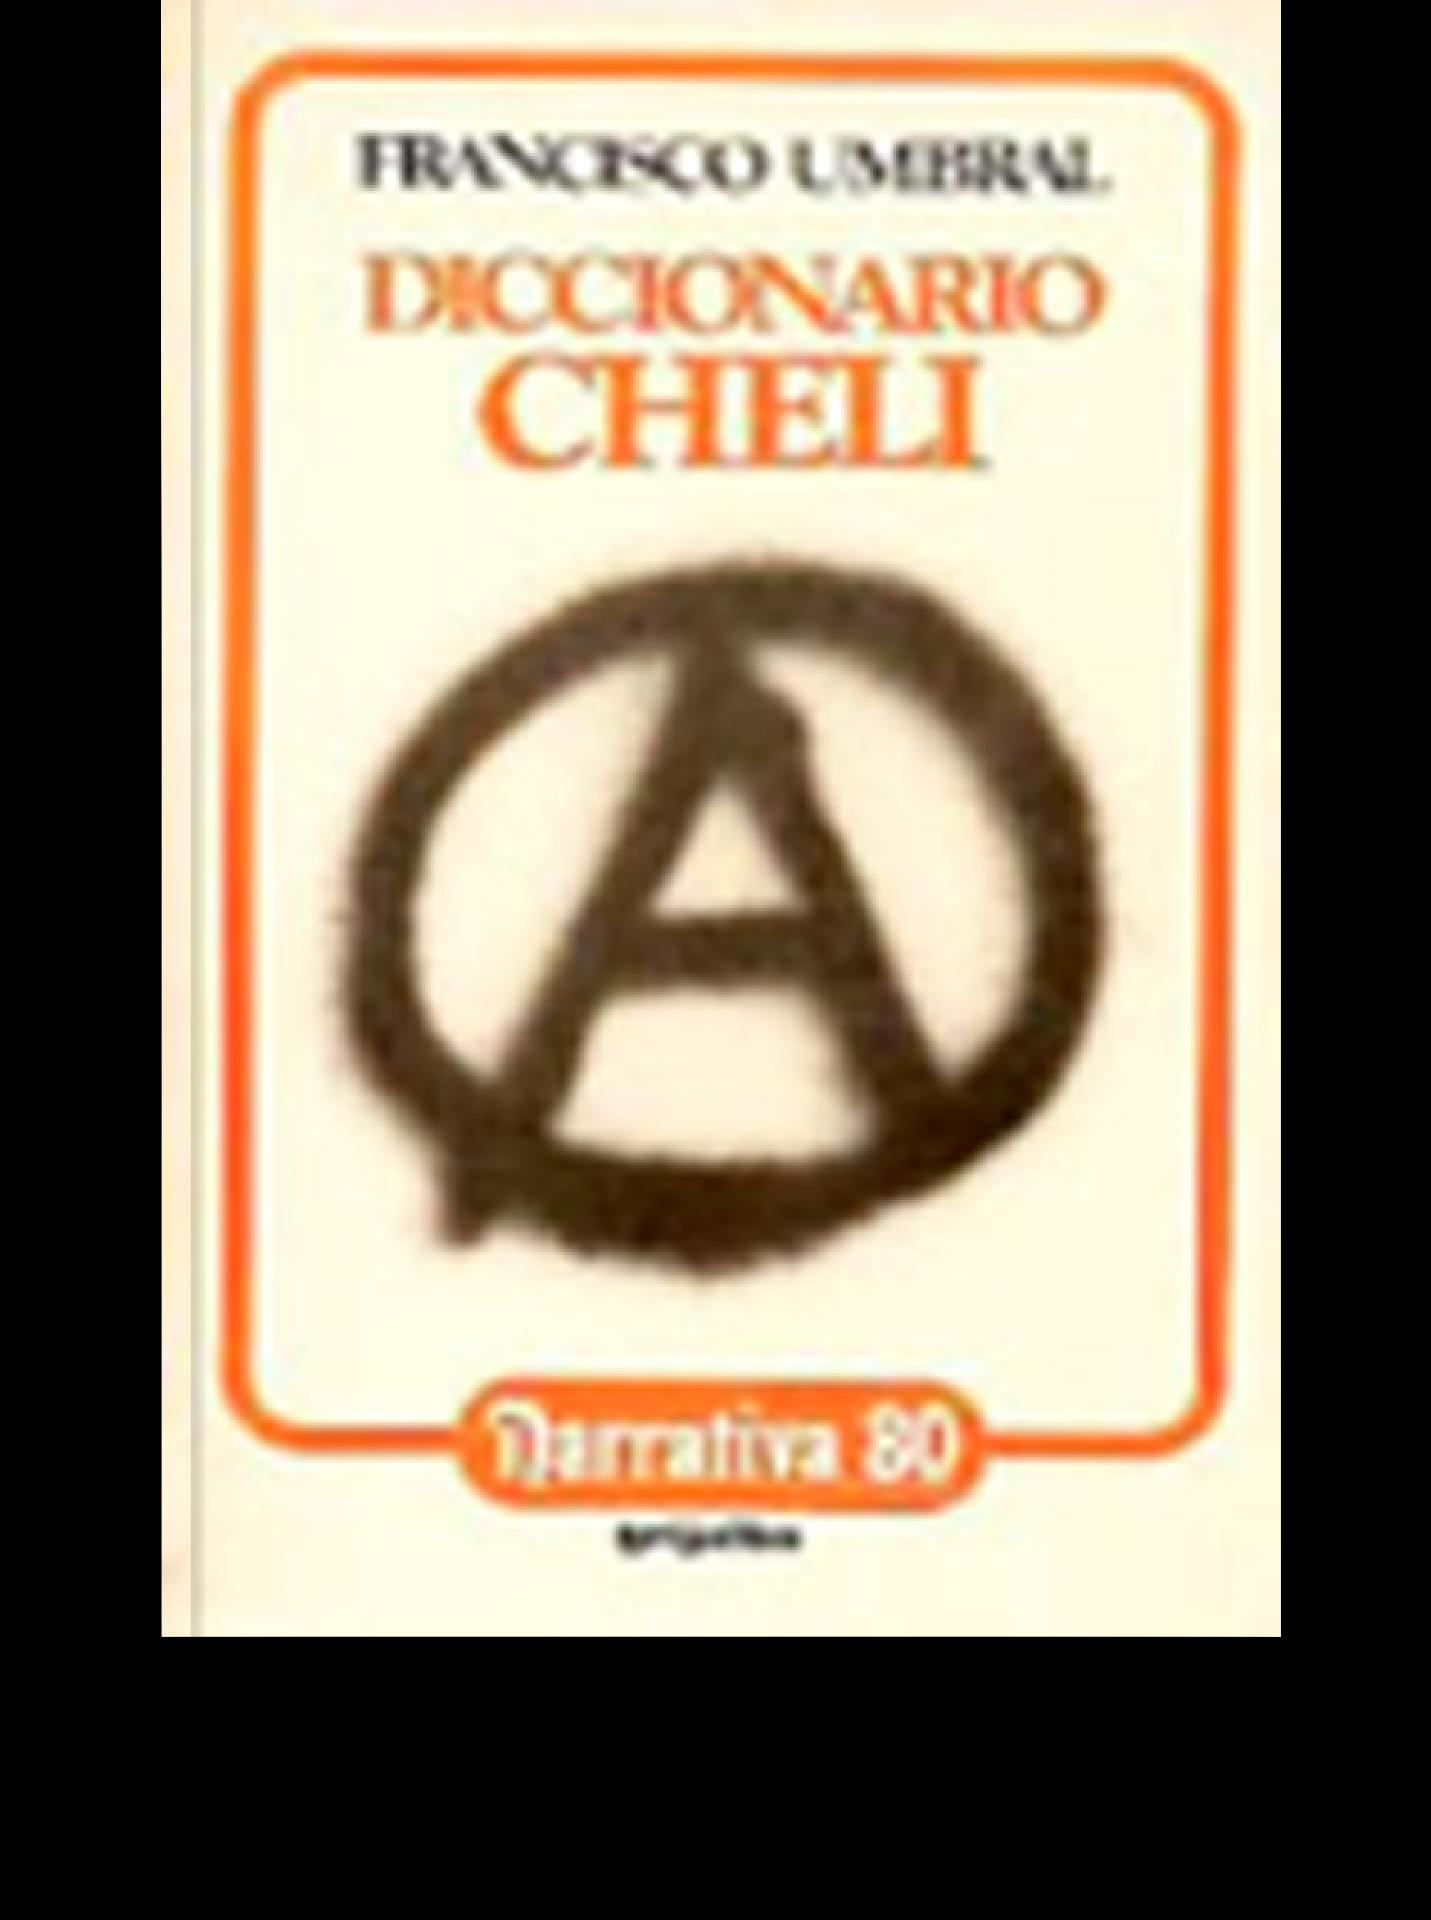 Diccionario Cheli